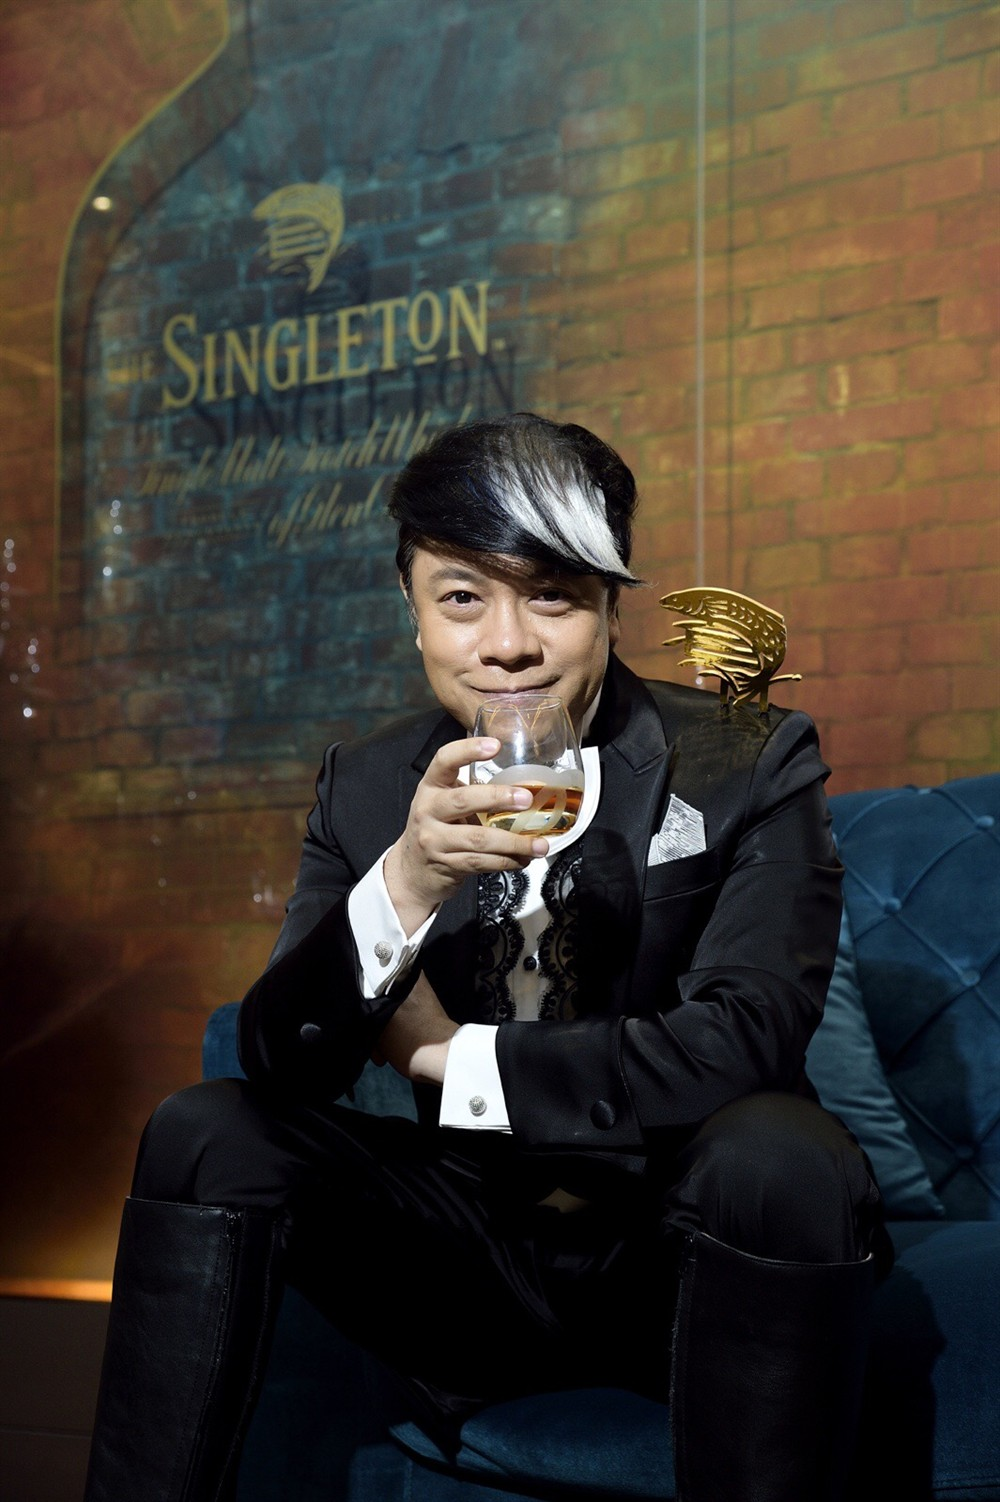 蔡康永——一個儒雅的紳士